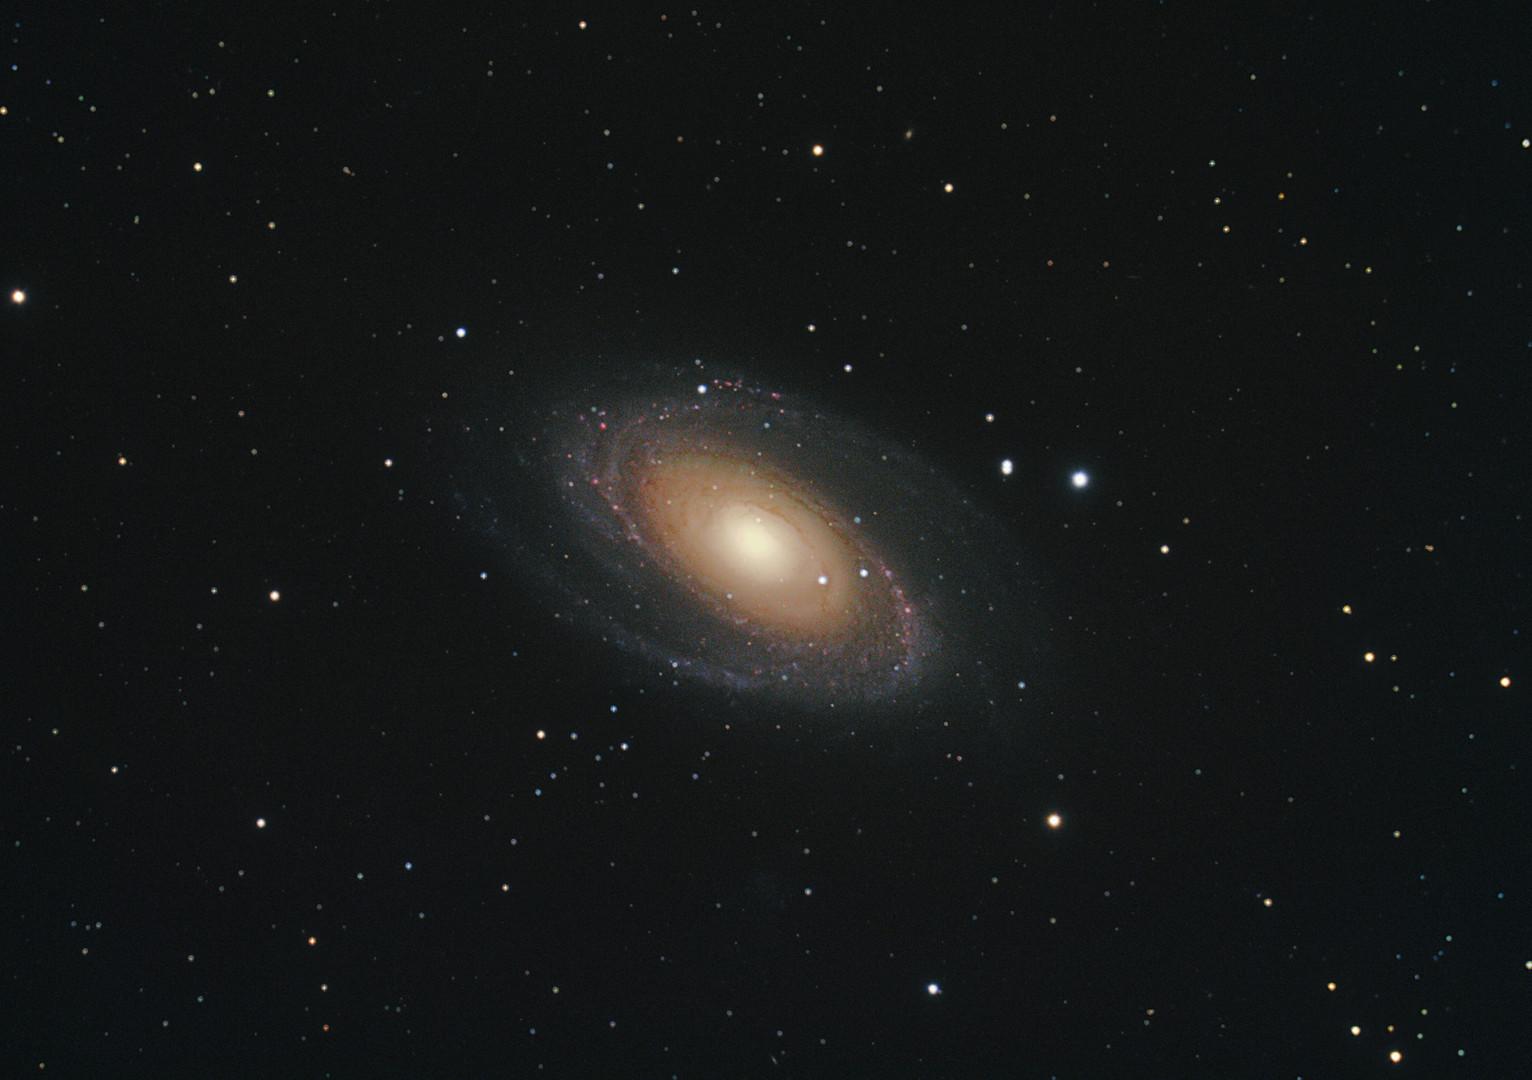 M81 (NGC 3031)